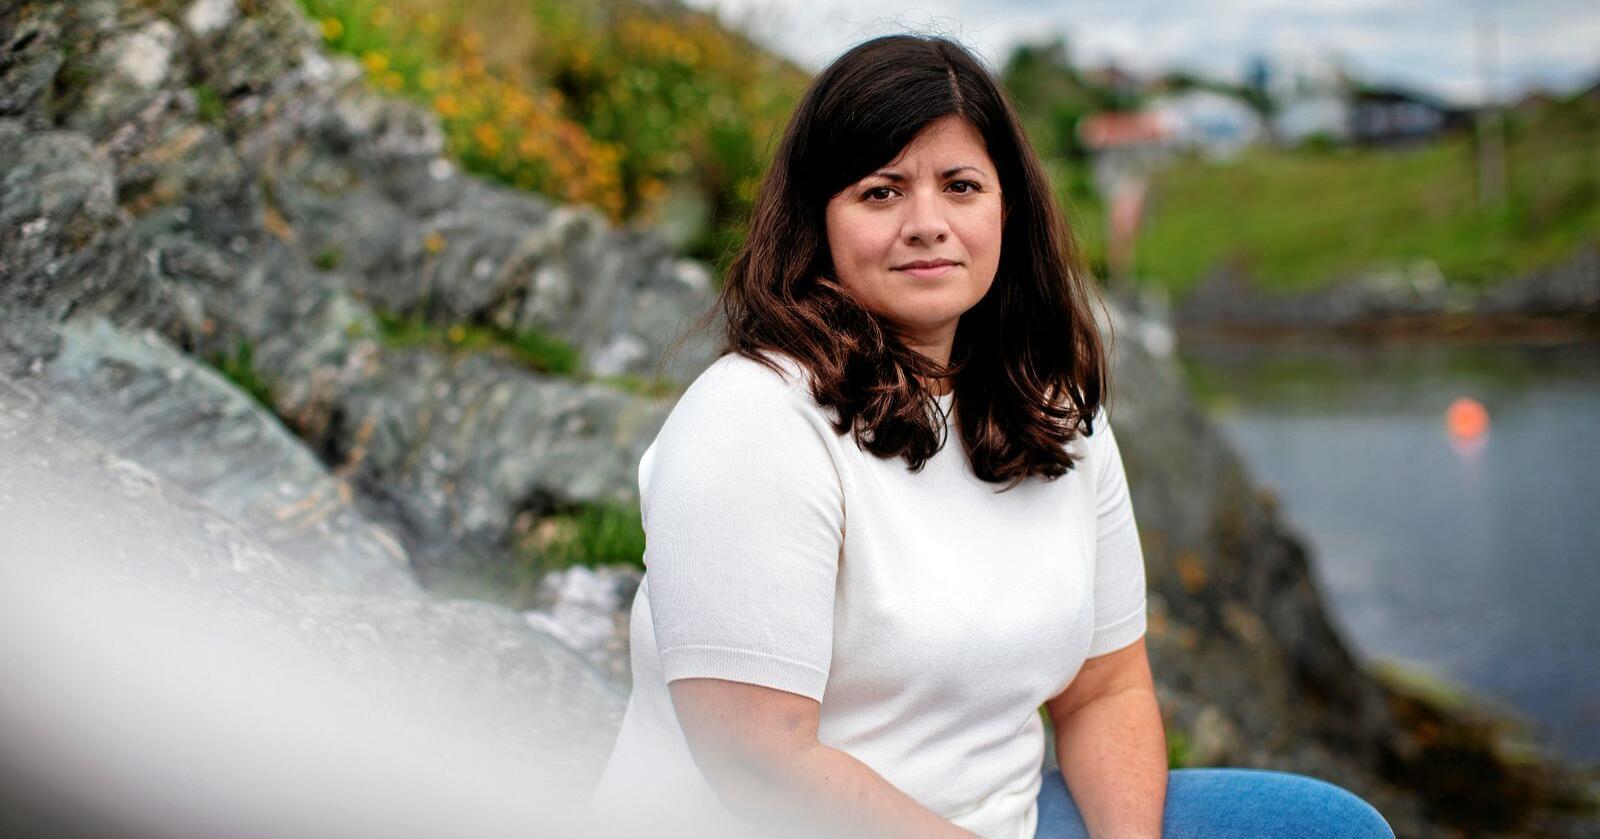 Sammen med Lundteigen skal vi presse på for at bærekraftig bruk av natur blir et viktig tema i det kommende stortingsvalget, skriver Karoline Andaur. Foto: Haakon Nordvik